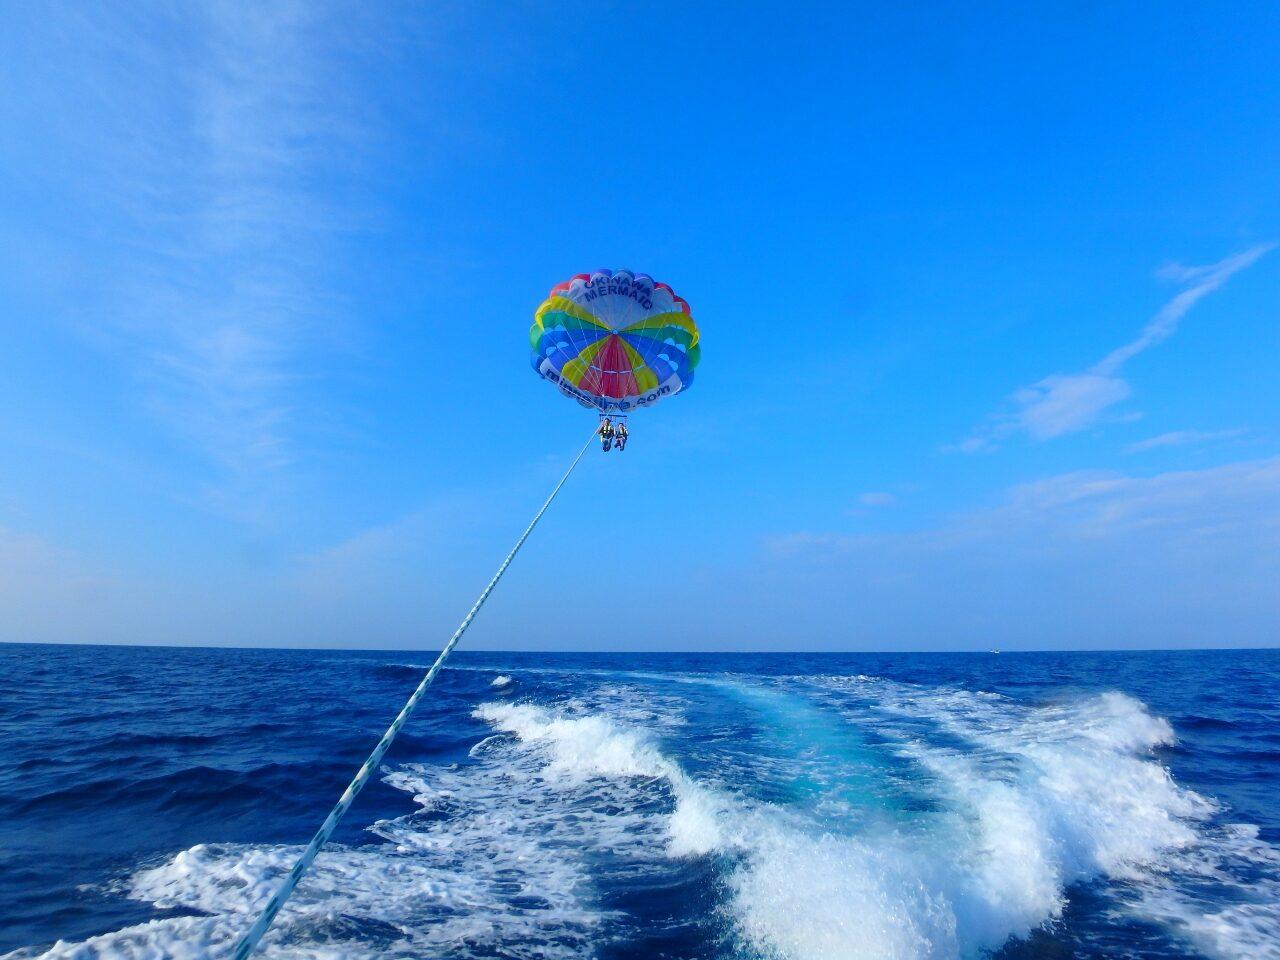 良いお天気☀【沖縄のマリンスポーツ専門店☆水納島マーメイド】